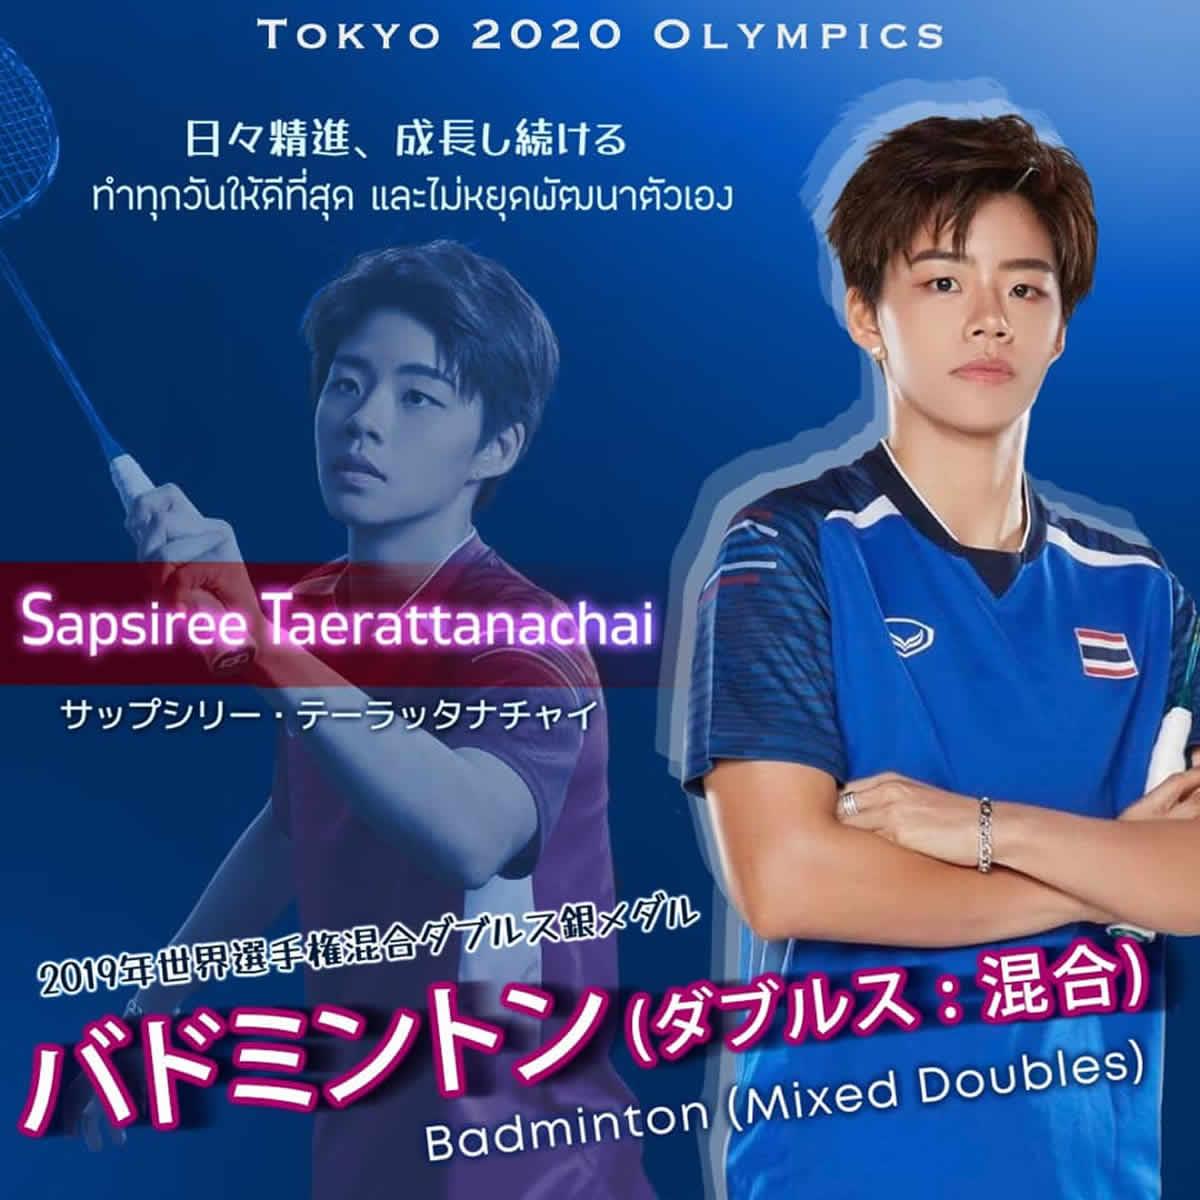 サップシリー・テーラッタナチャイ(ポポ)選手[女子バドミントン タイ代表]東京2020オリンピック